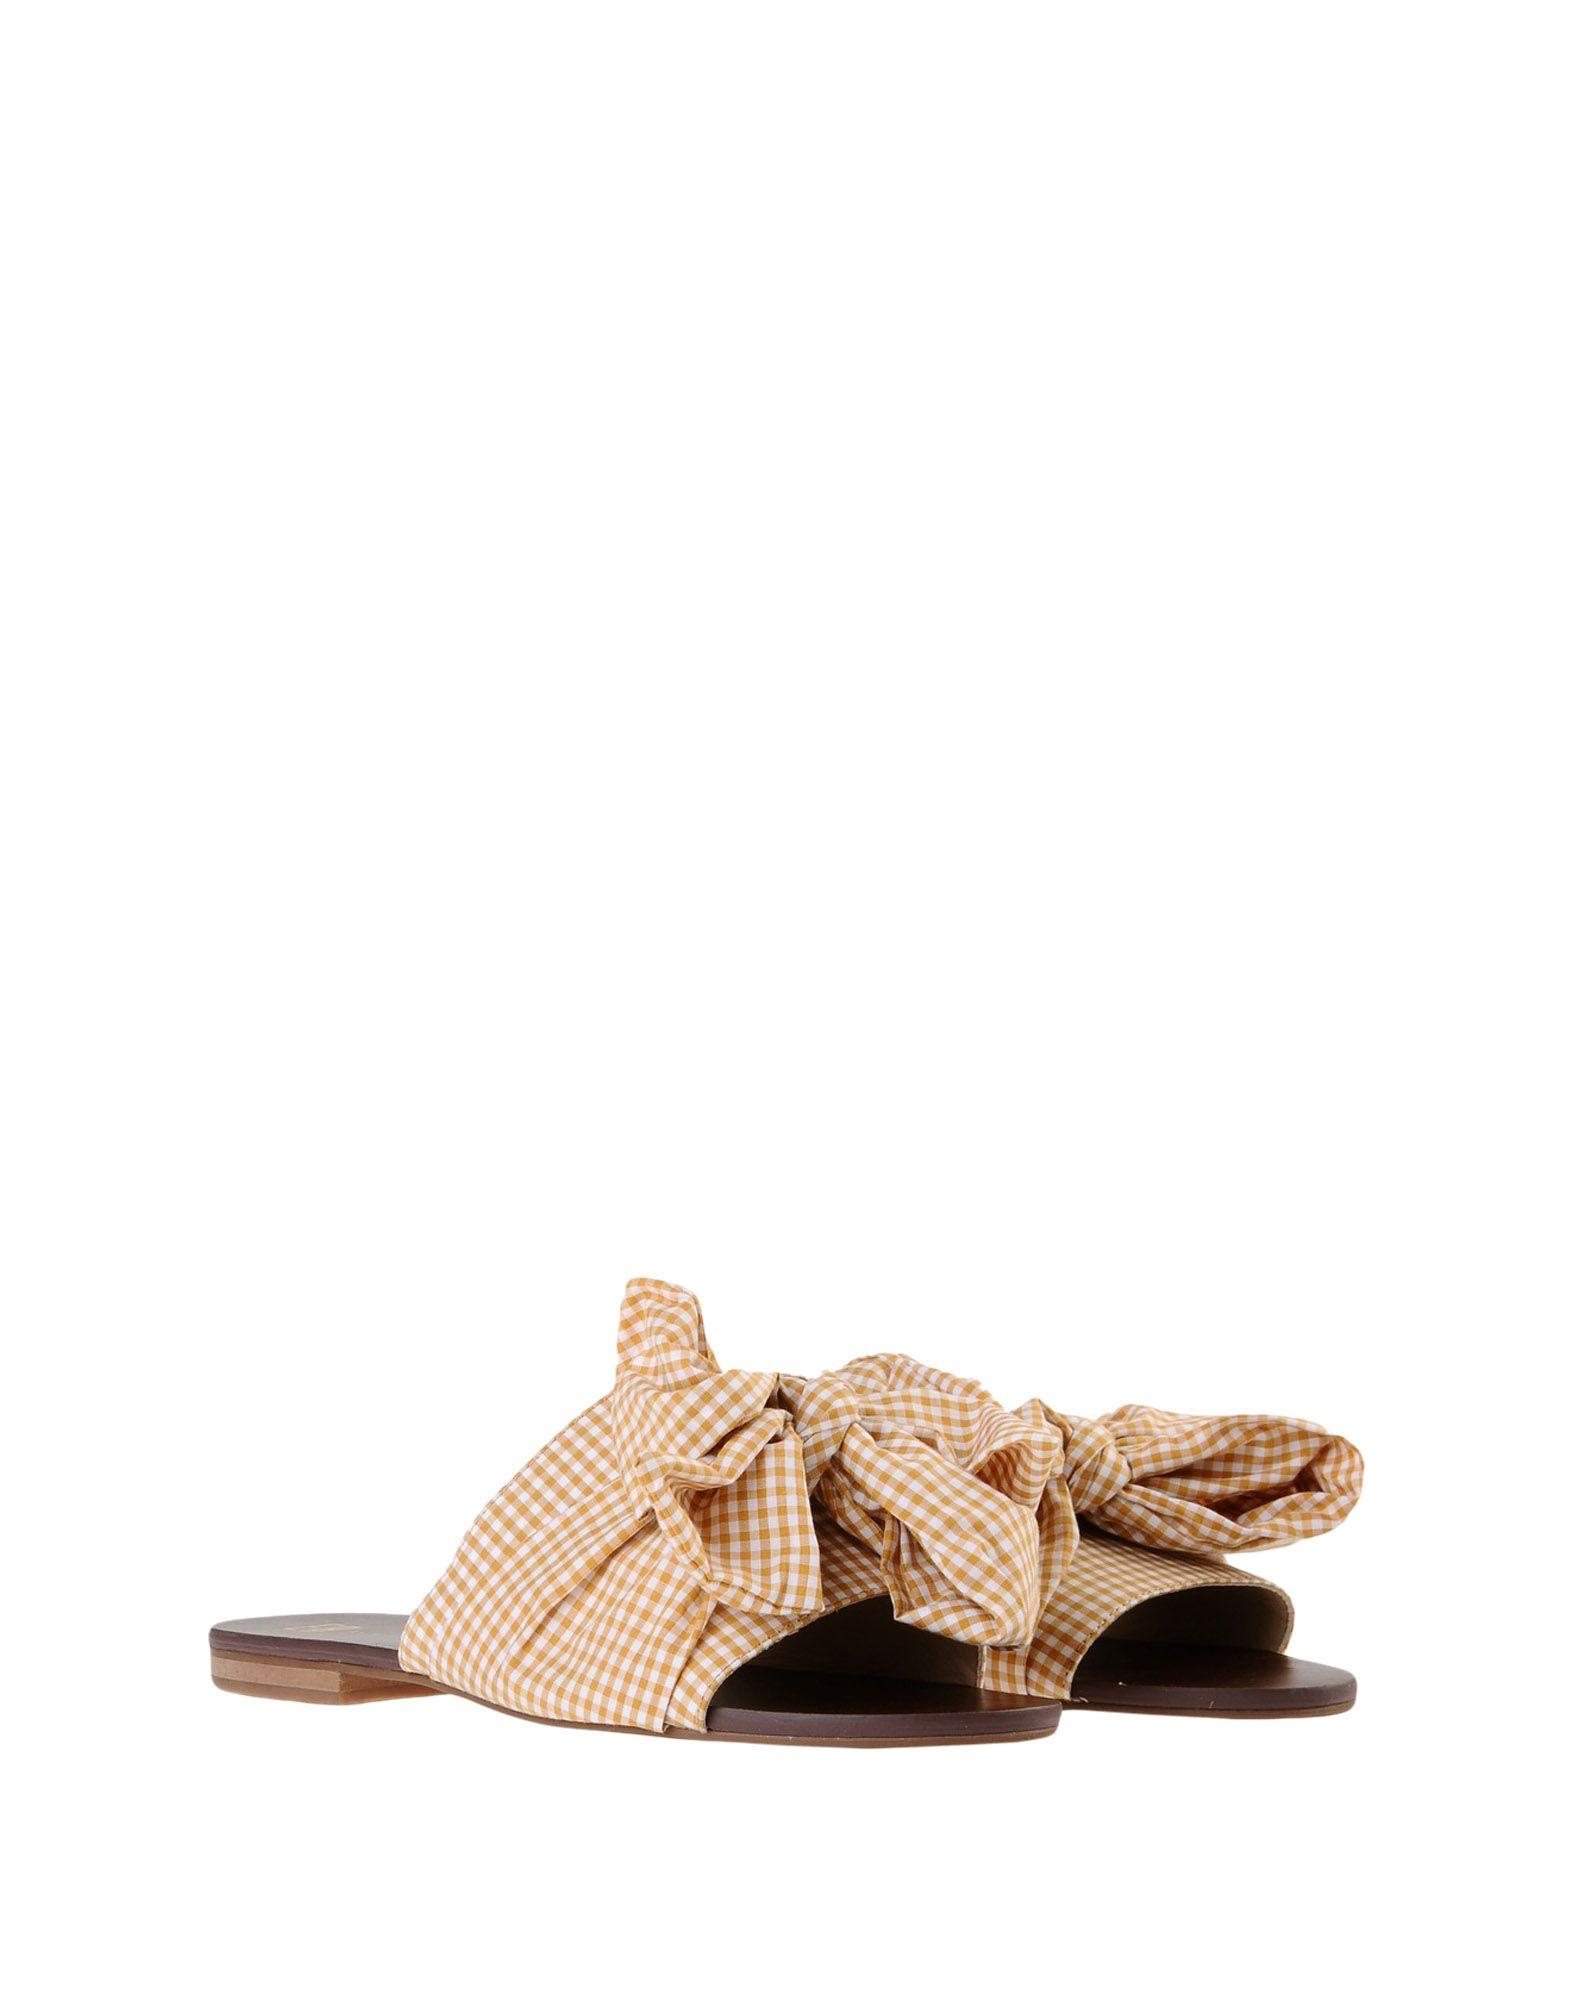 Sandales E8 By Miista Peggy - Femme - Sandales E8 By Miista sur